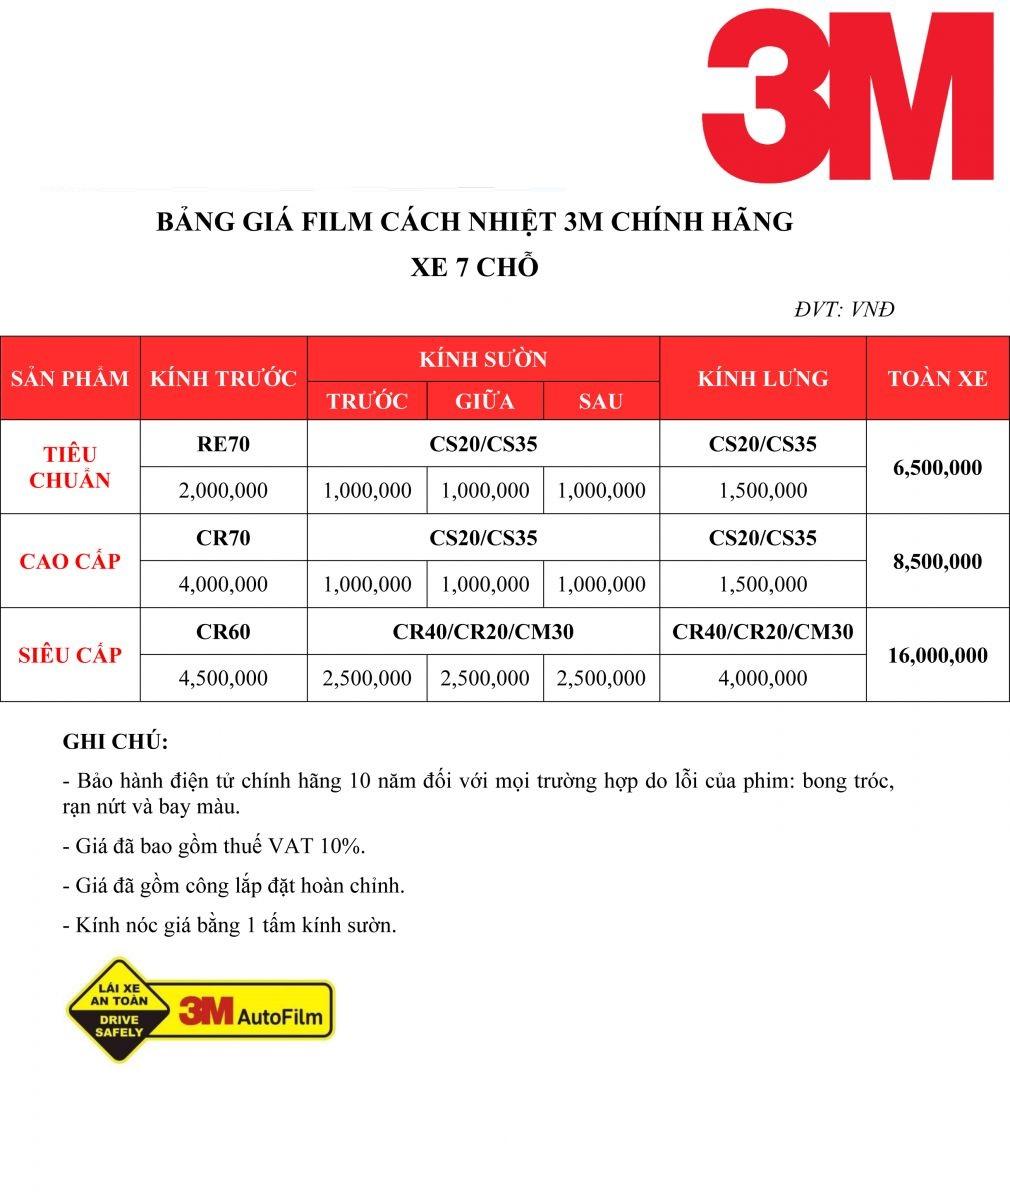 Bảng giá dán phim cách nhiệt 3M chính hãng cho xe 7 chỗ